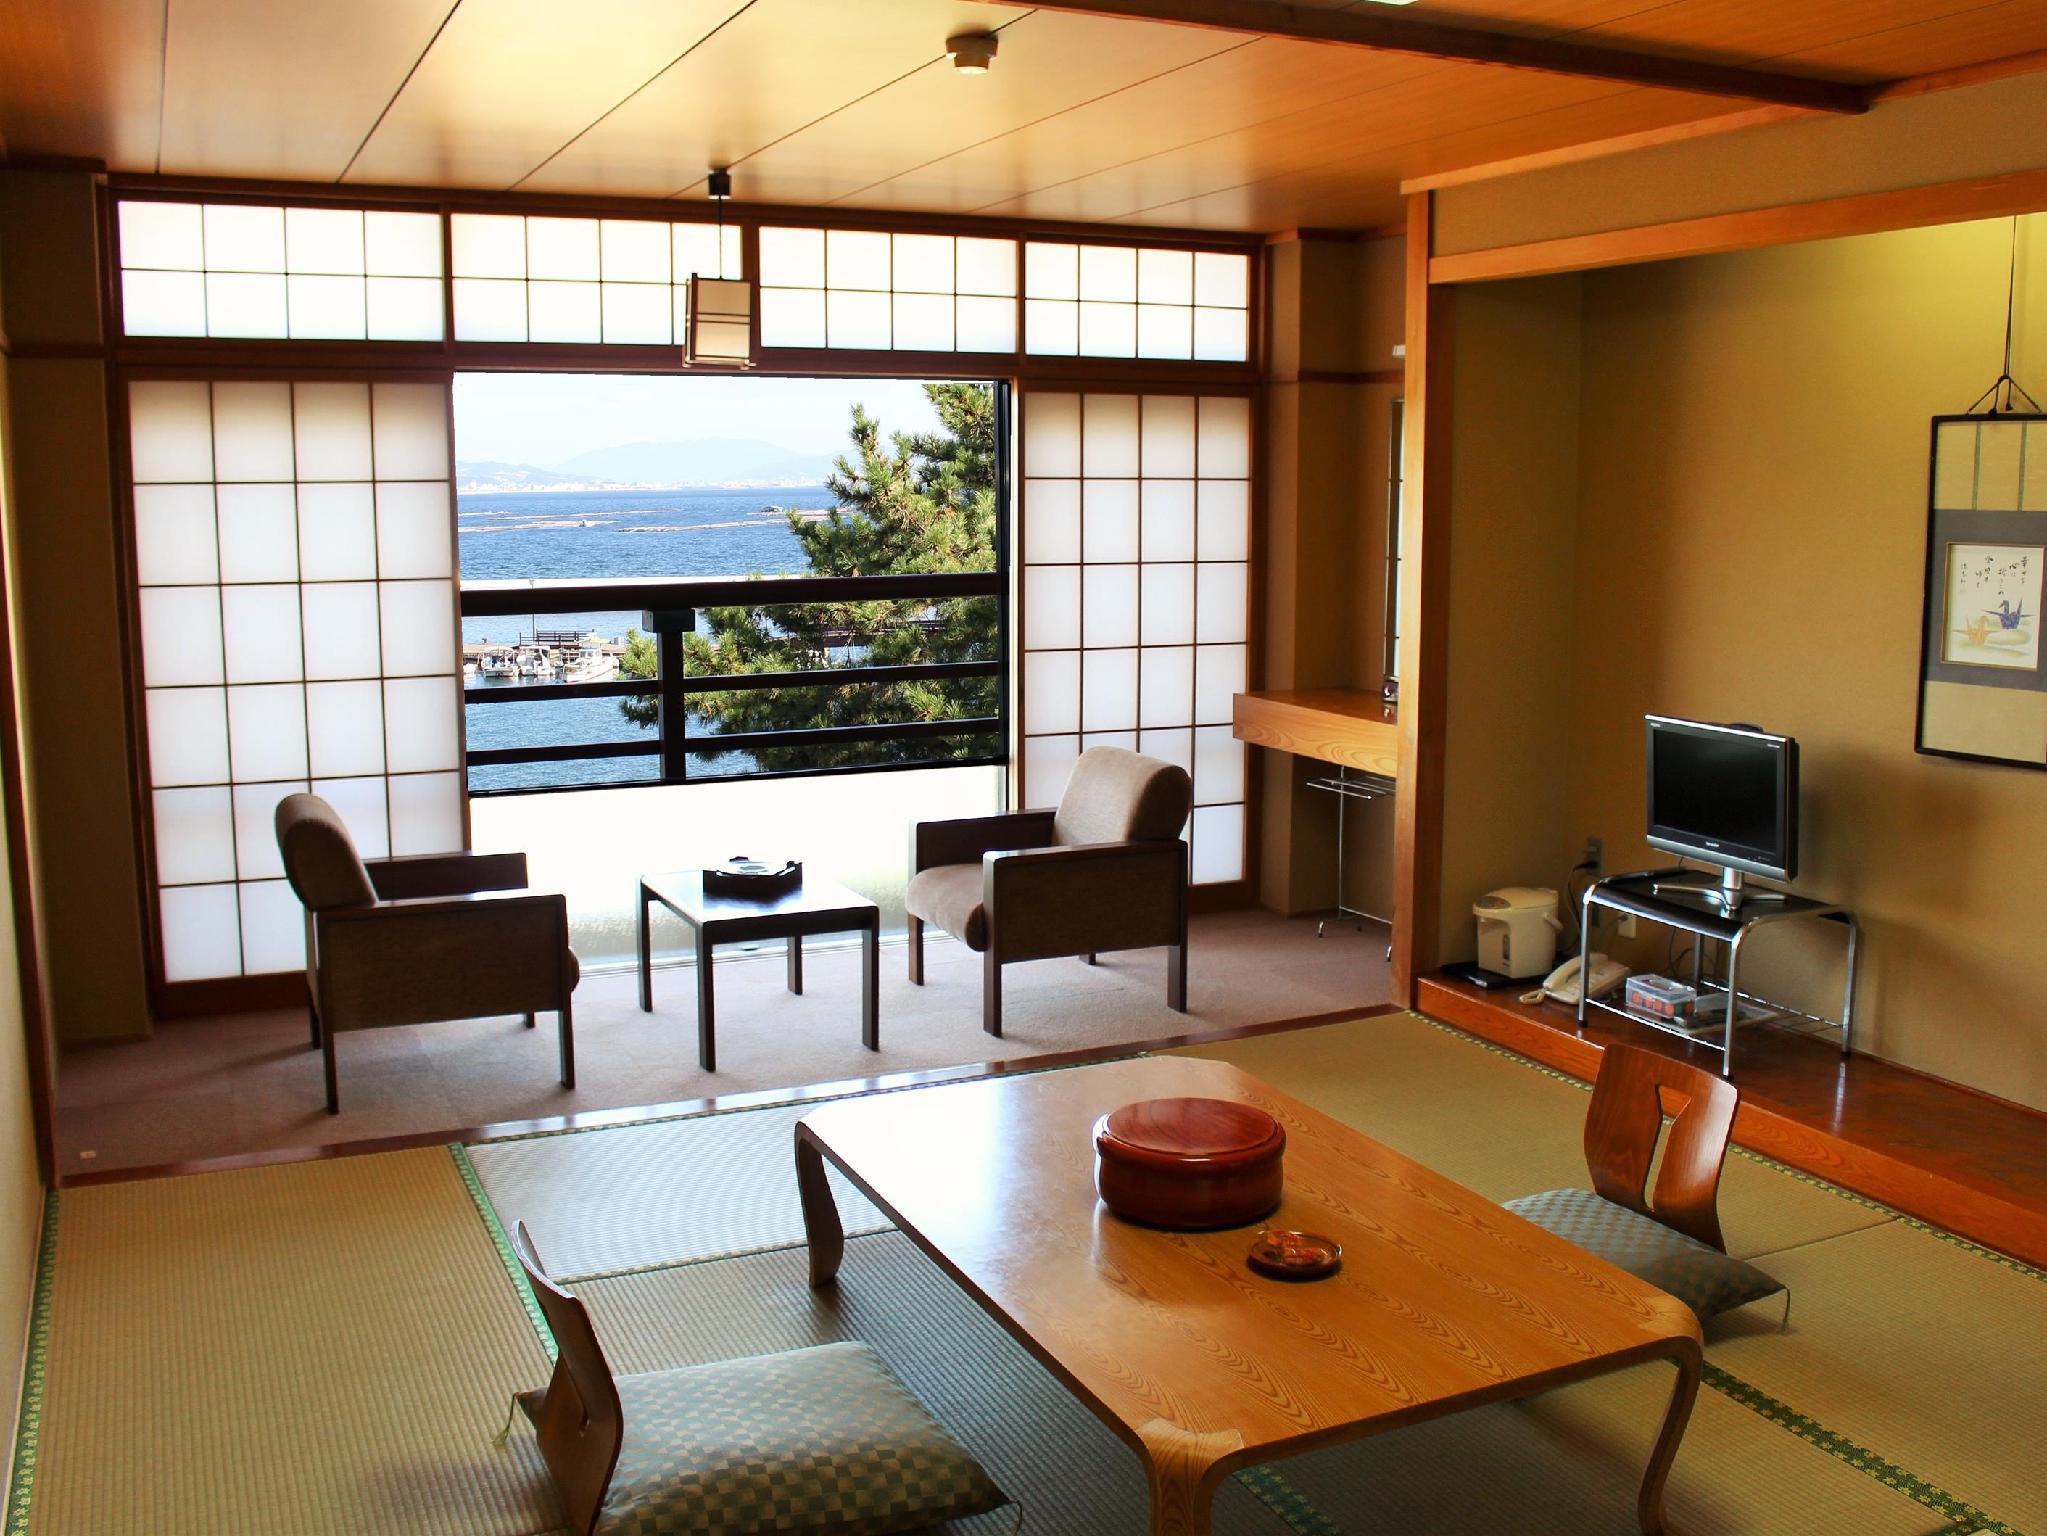 廣島宮島海濱酒店 (Miyajima Seaside Hotel) - Agoda 提供行程前一刻網上即時優惠價格訂房服務